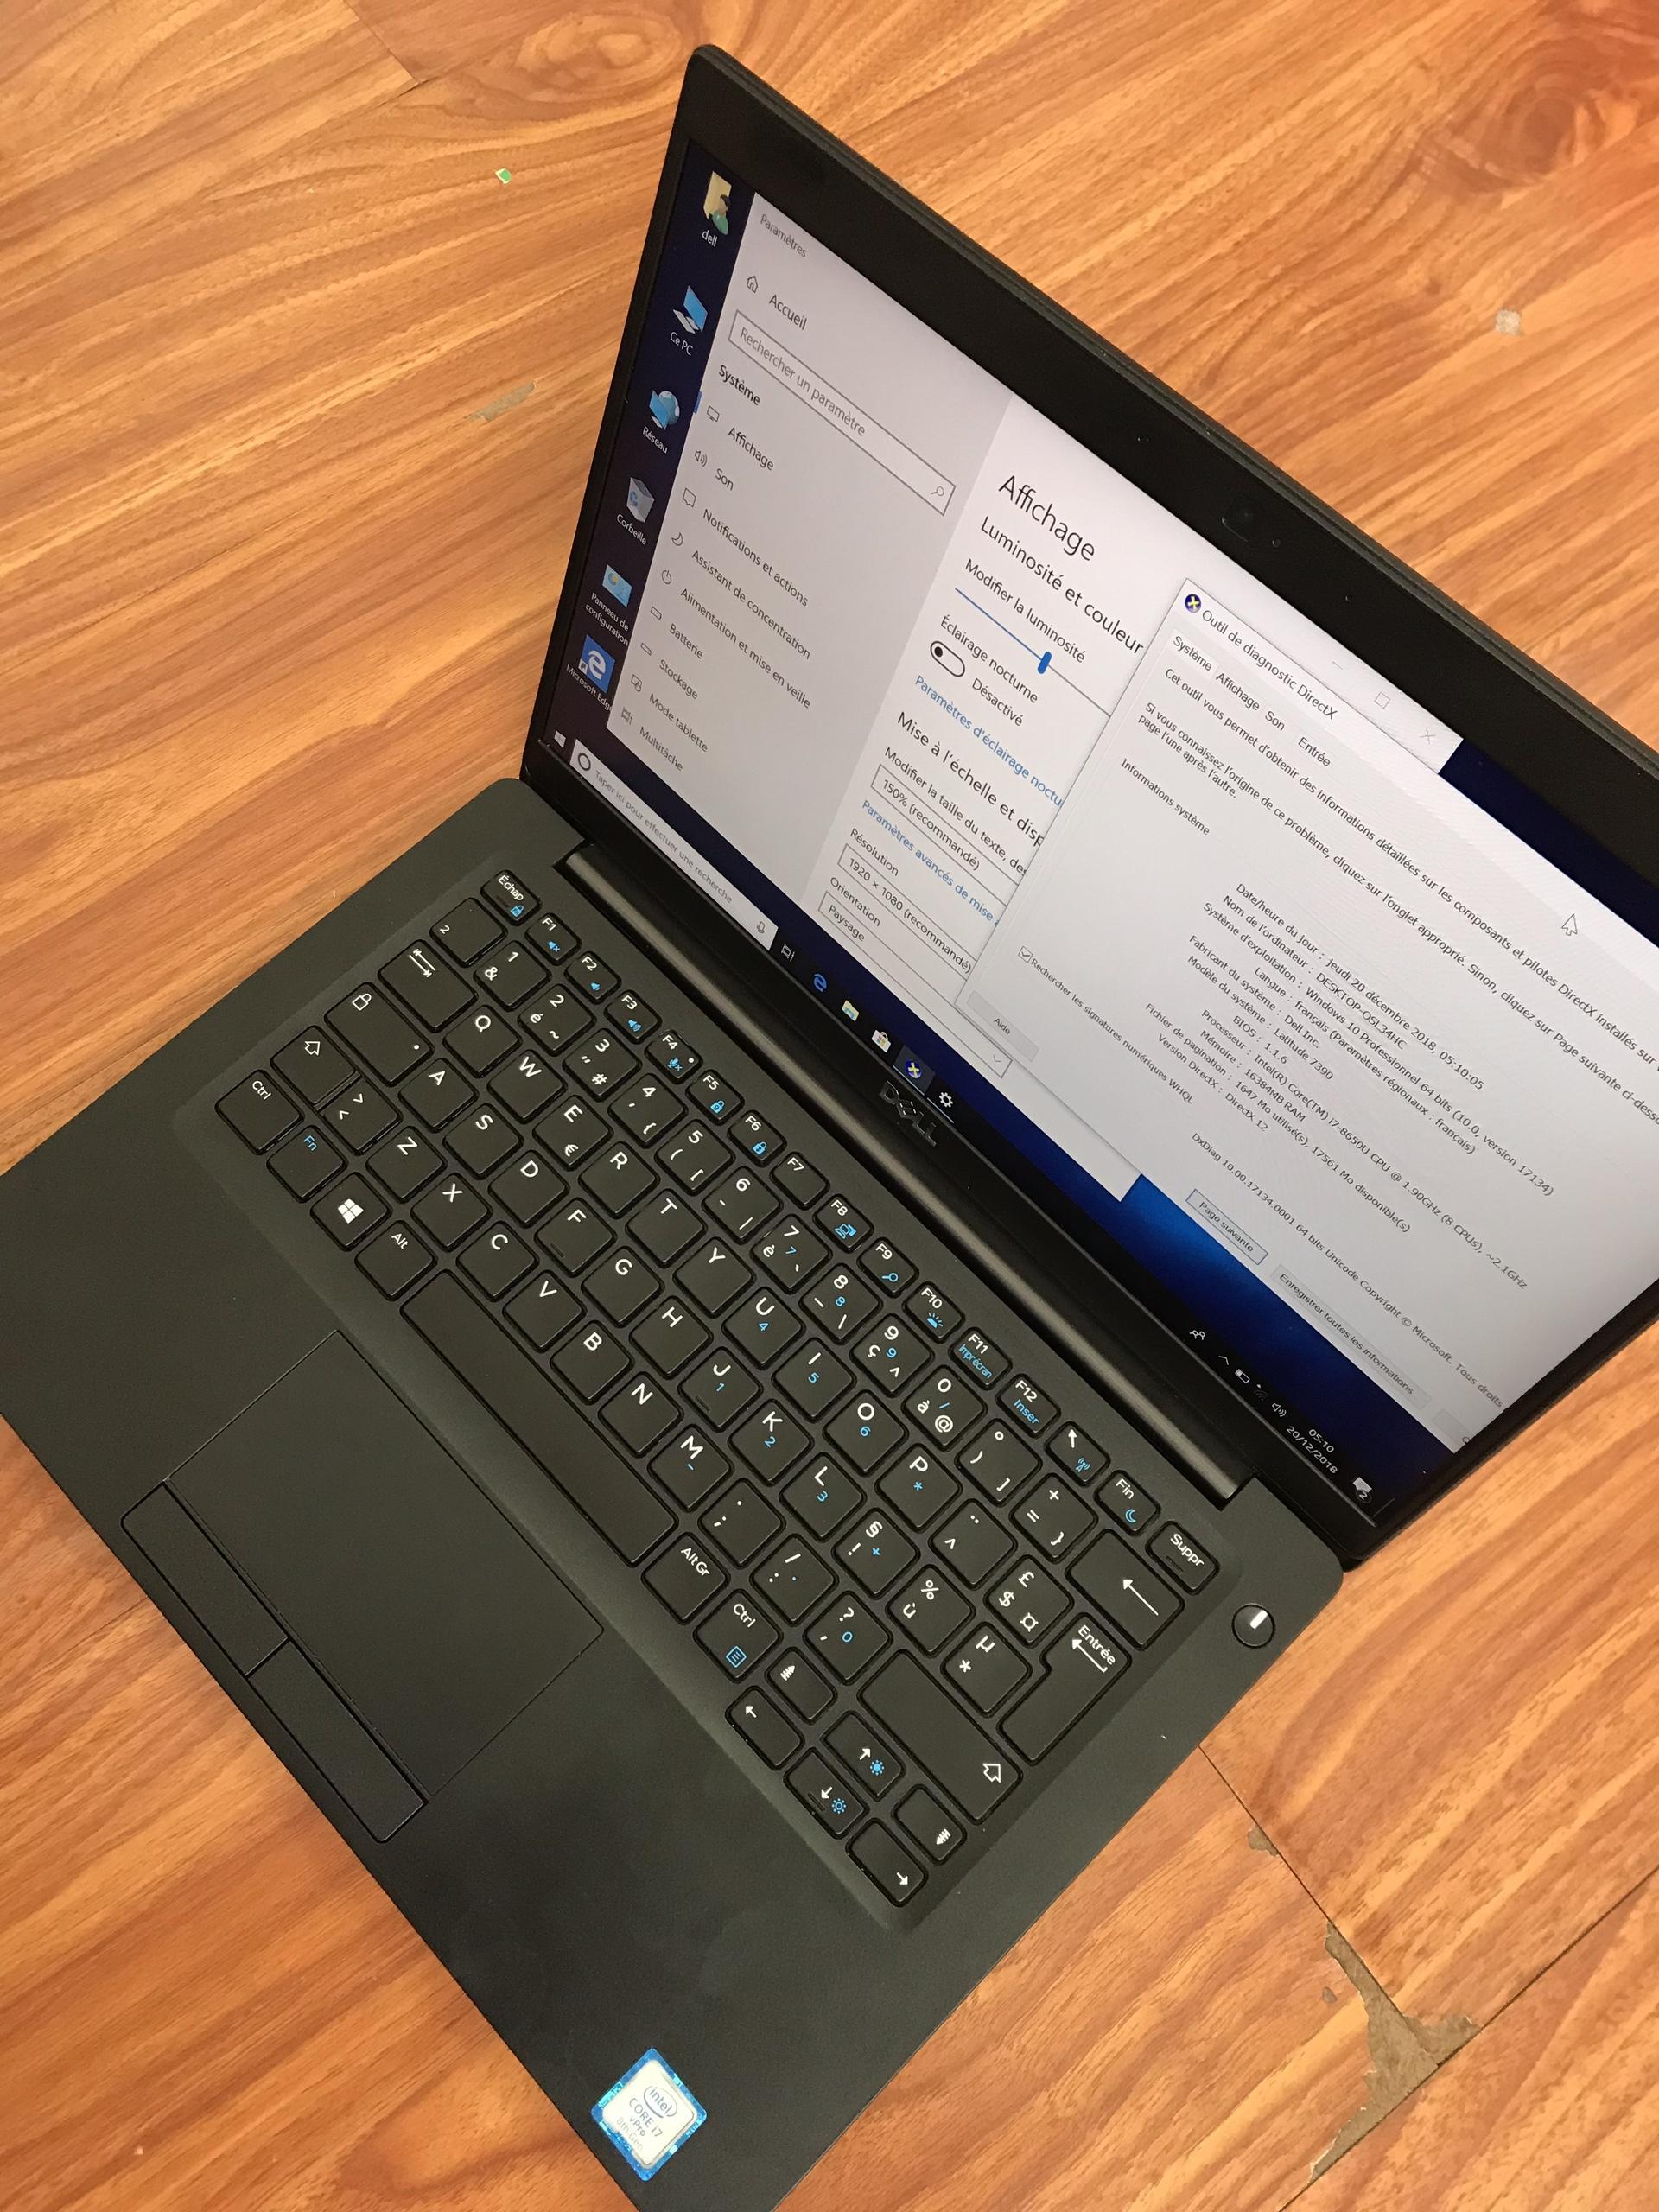 Lapto Dell Latitude 7390 i7 8650U, ram 16Gb, ssd 256Gb, Win 10, đẹp đến từng chi tiết